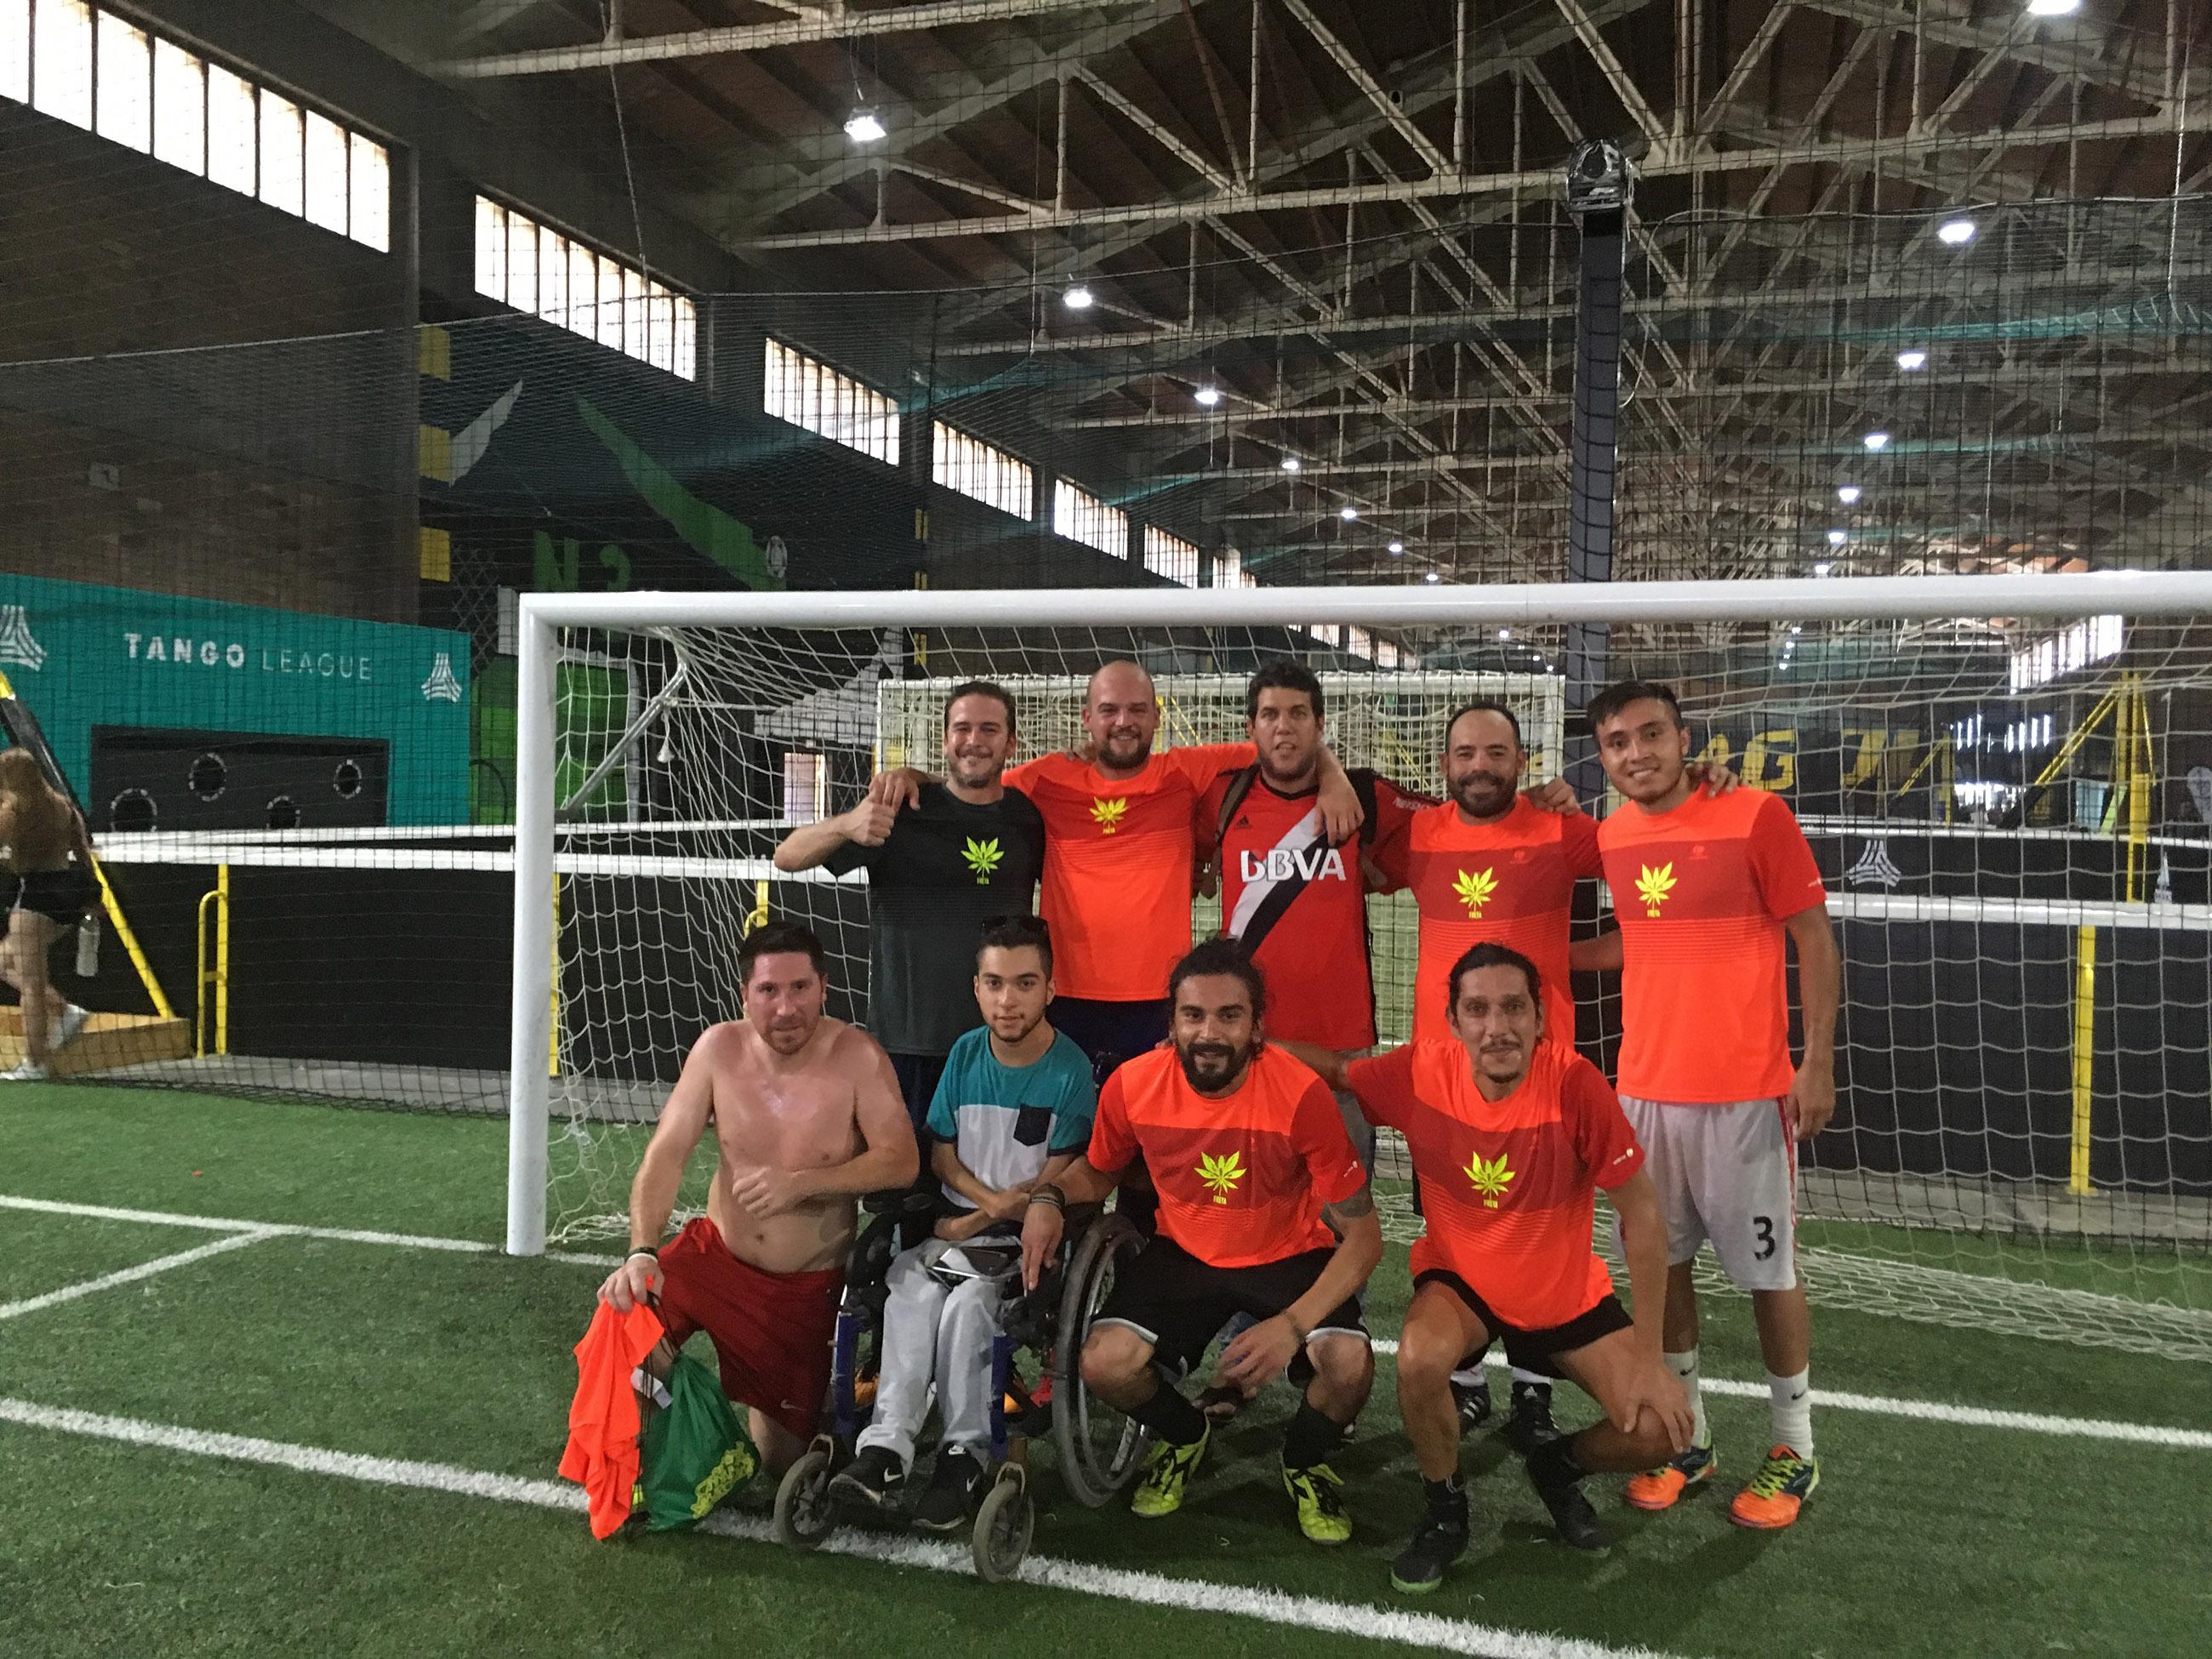 En la foto aparece el equipo de fútbol de los clubes cannábicos españoles Freya Cannabis Clubs. Se ve a un total de siete hombres vestidos con camisetas anaranjadas, de pie frente a la portería en una cancha de fútbol sala.